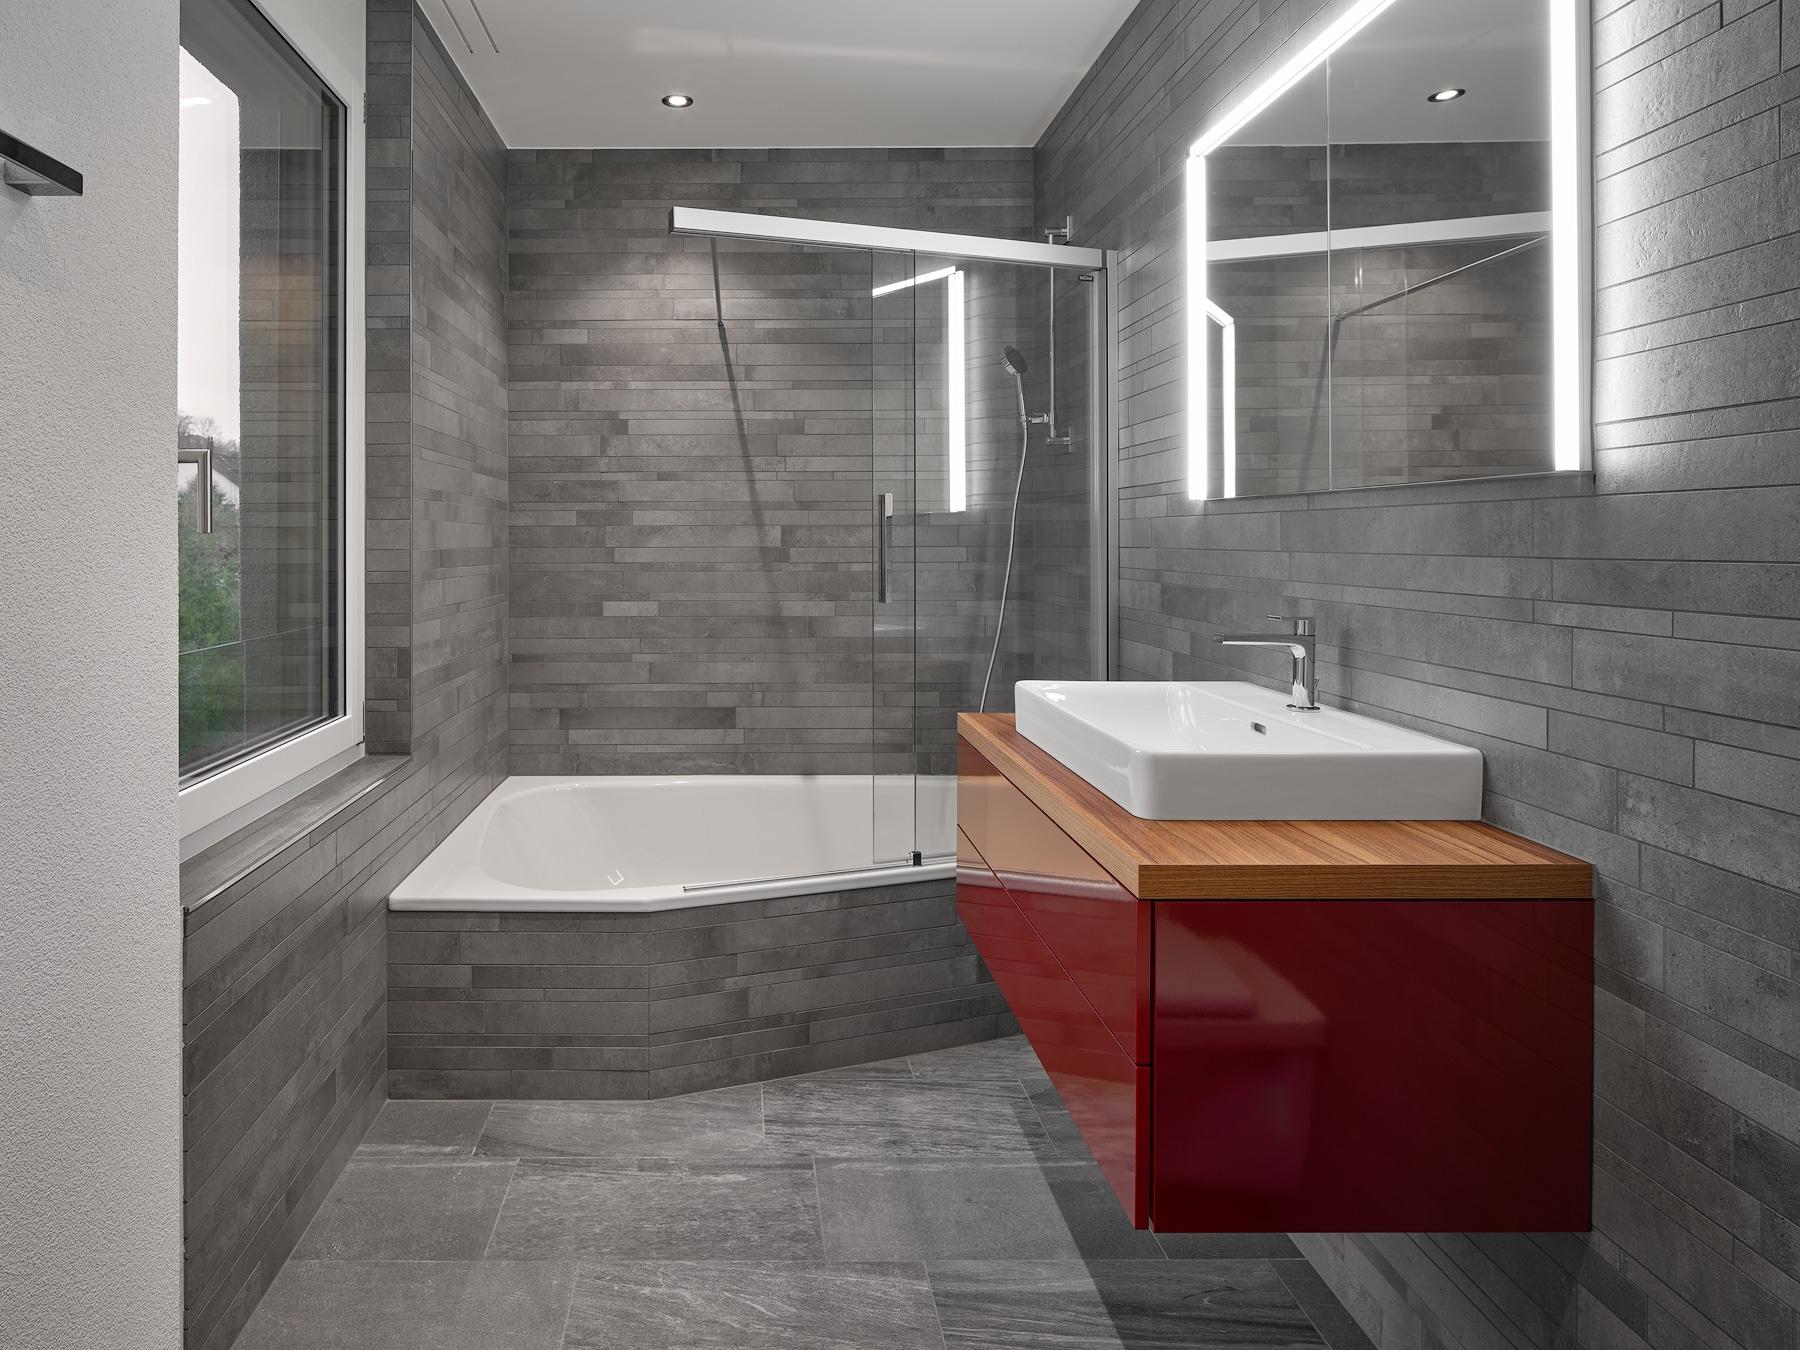 Bad mit grauen Natursteinplatten, asymmetrischer Badewanne, rotem Badmöbel